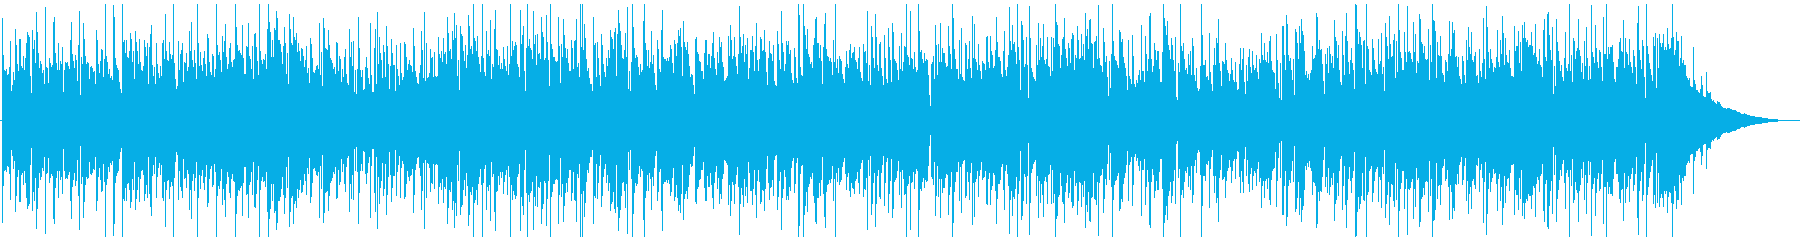 可愛いピアノソロのBGMの再生済みの波形